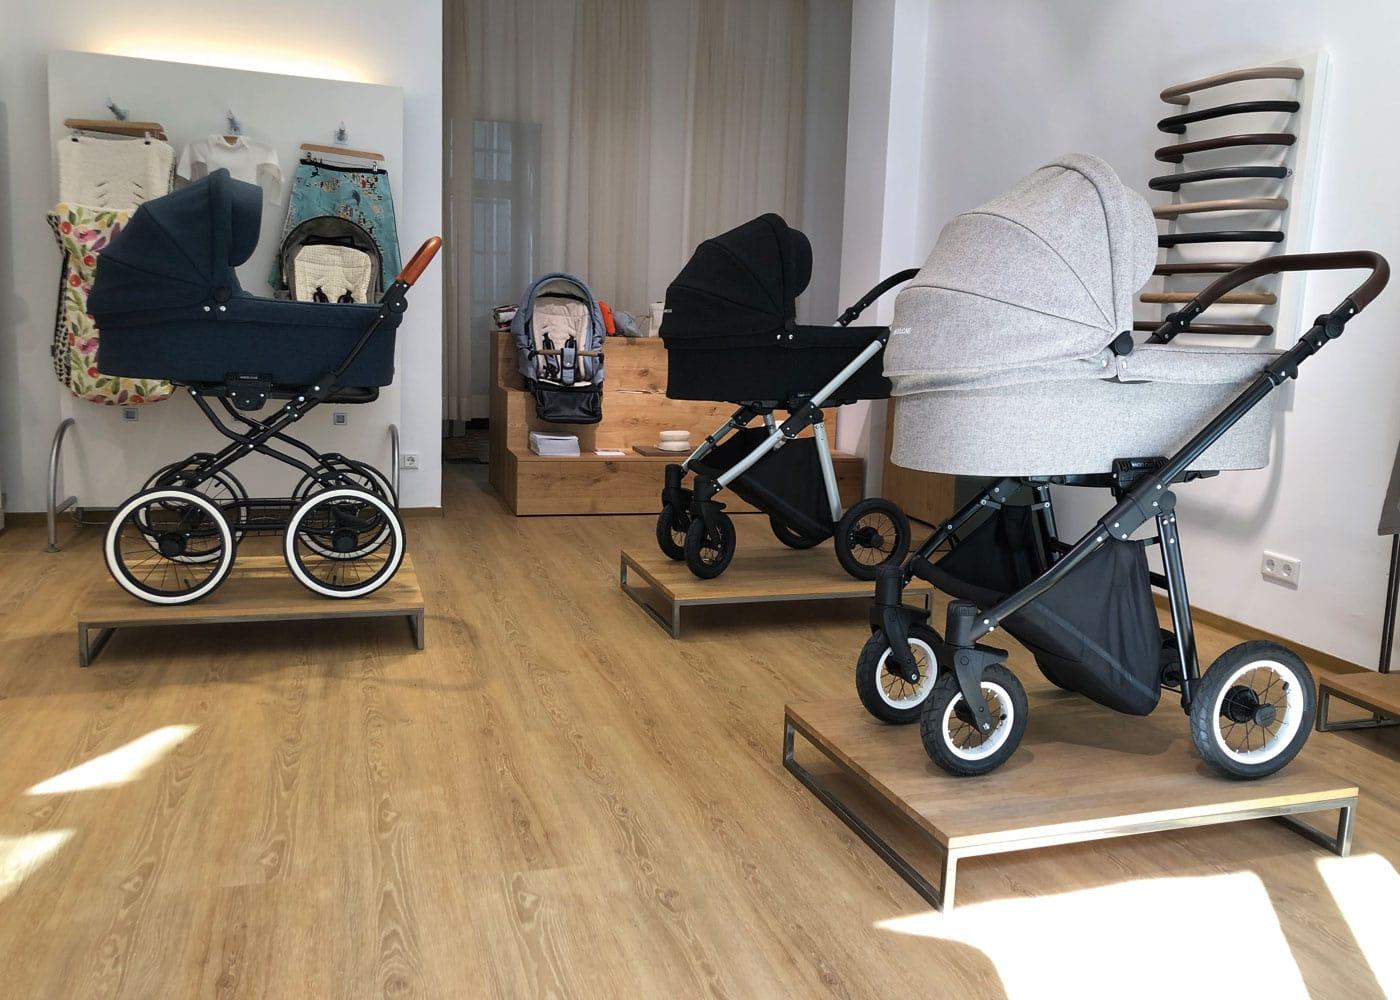 Gute Kinderwagen kaufen in Berlin: Angelcab Kinderwagen-Laden in Berlin-Prenzlauer Berg // HIMBEER